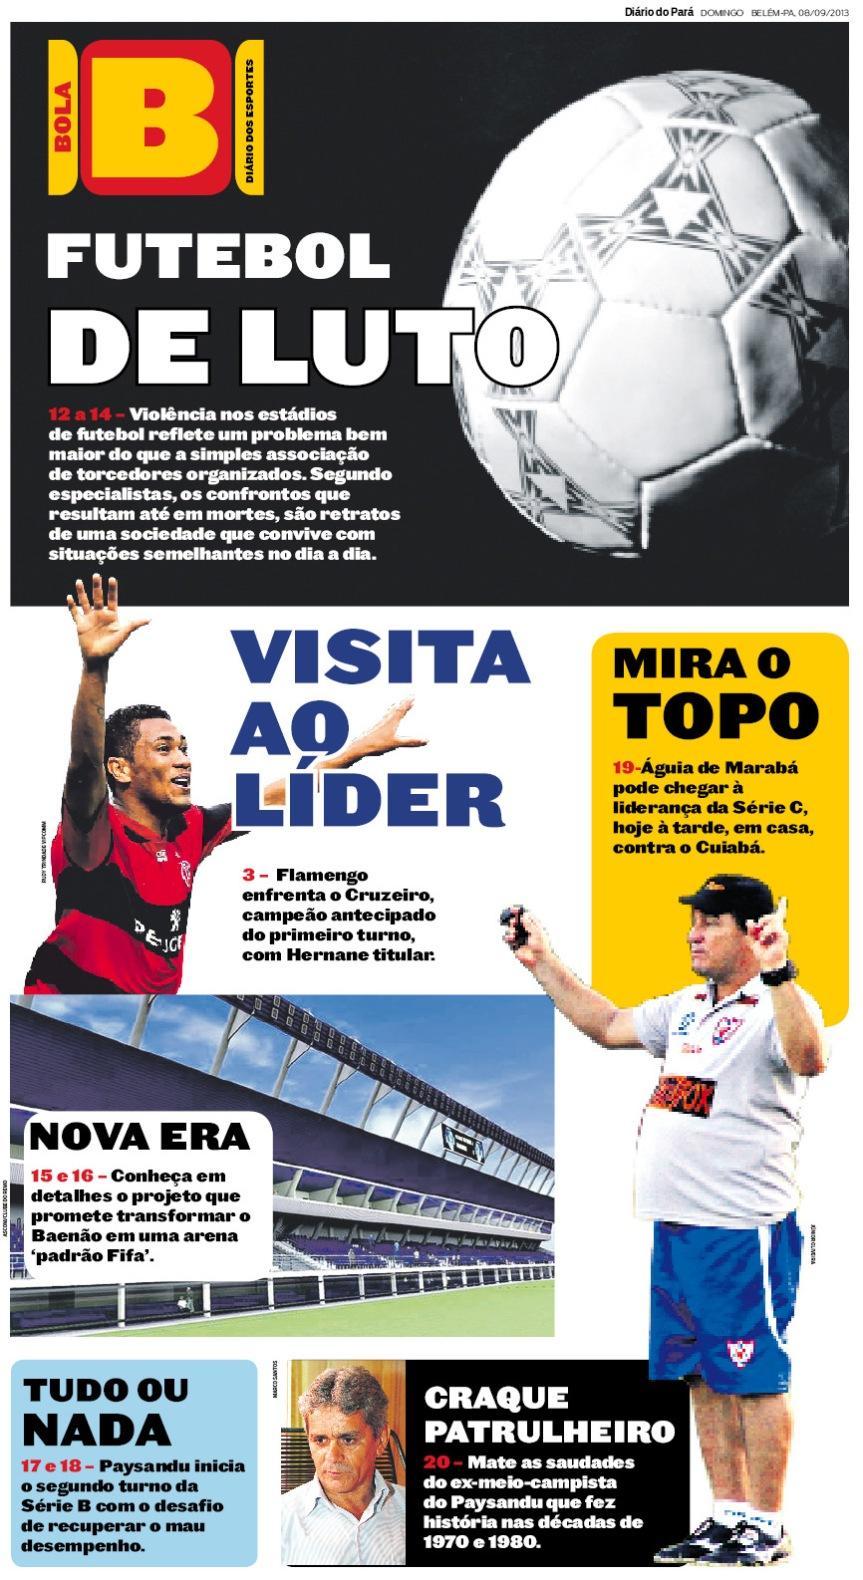 CAPA DO BOLA_08-09-2013